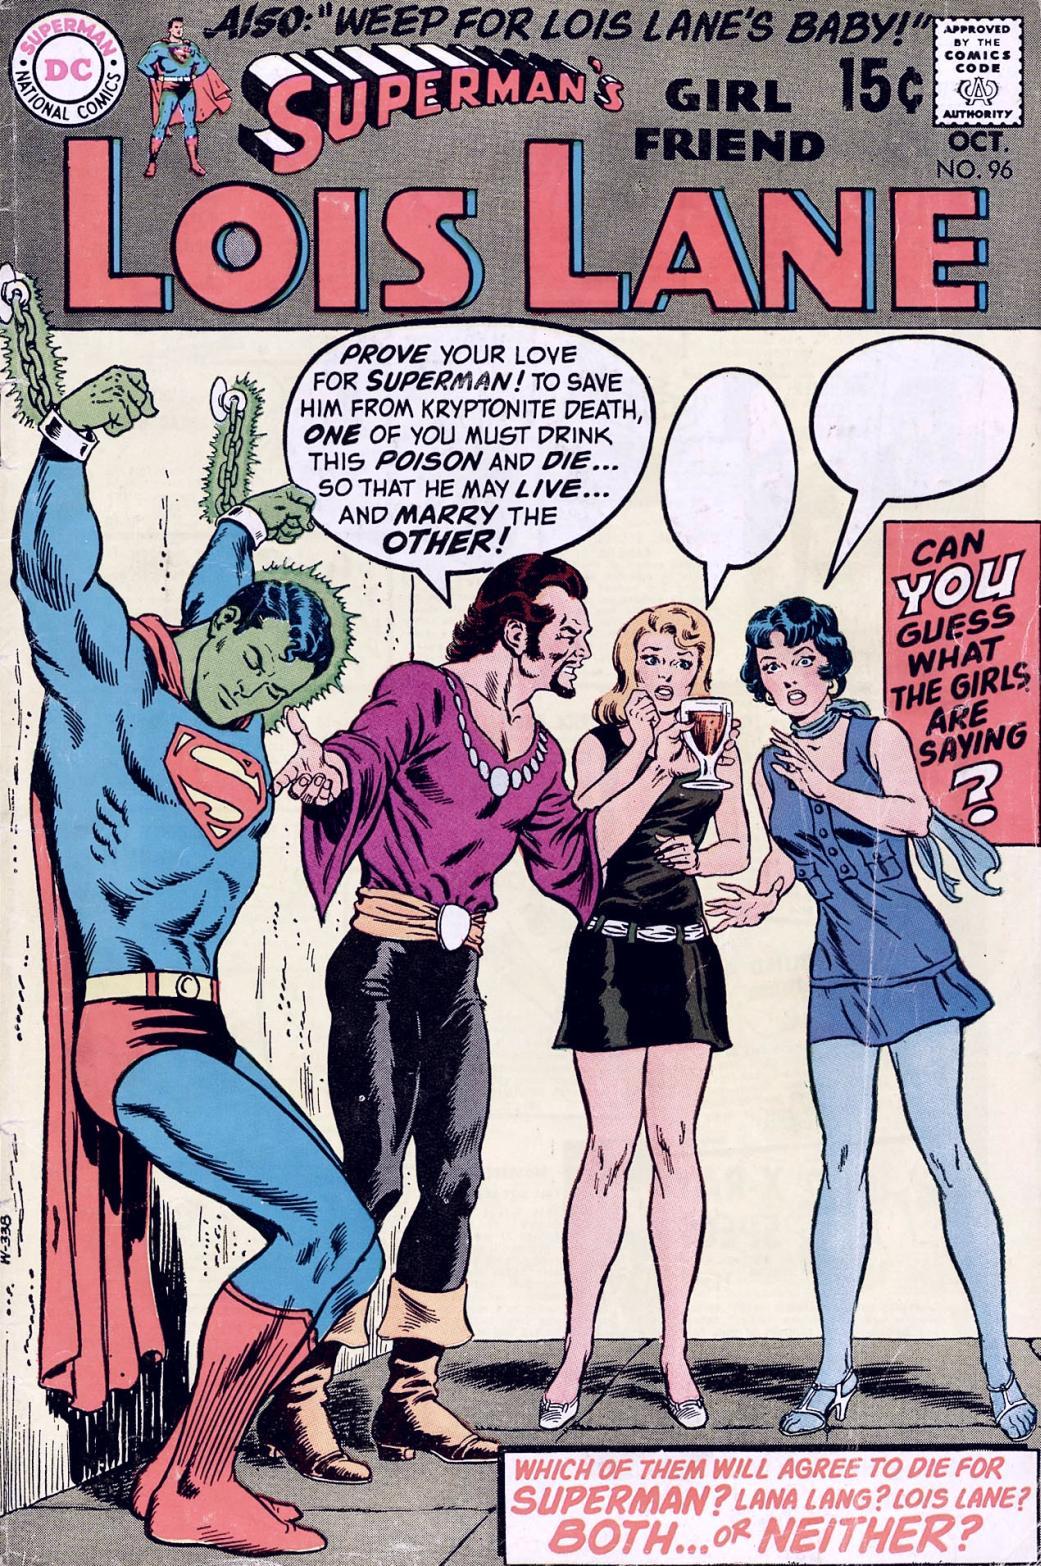 Supermans Girl Friend, Lois Lane 96 Page 1